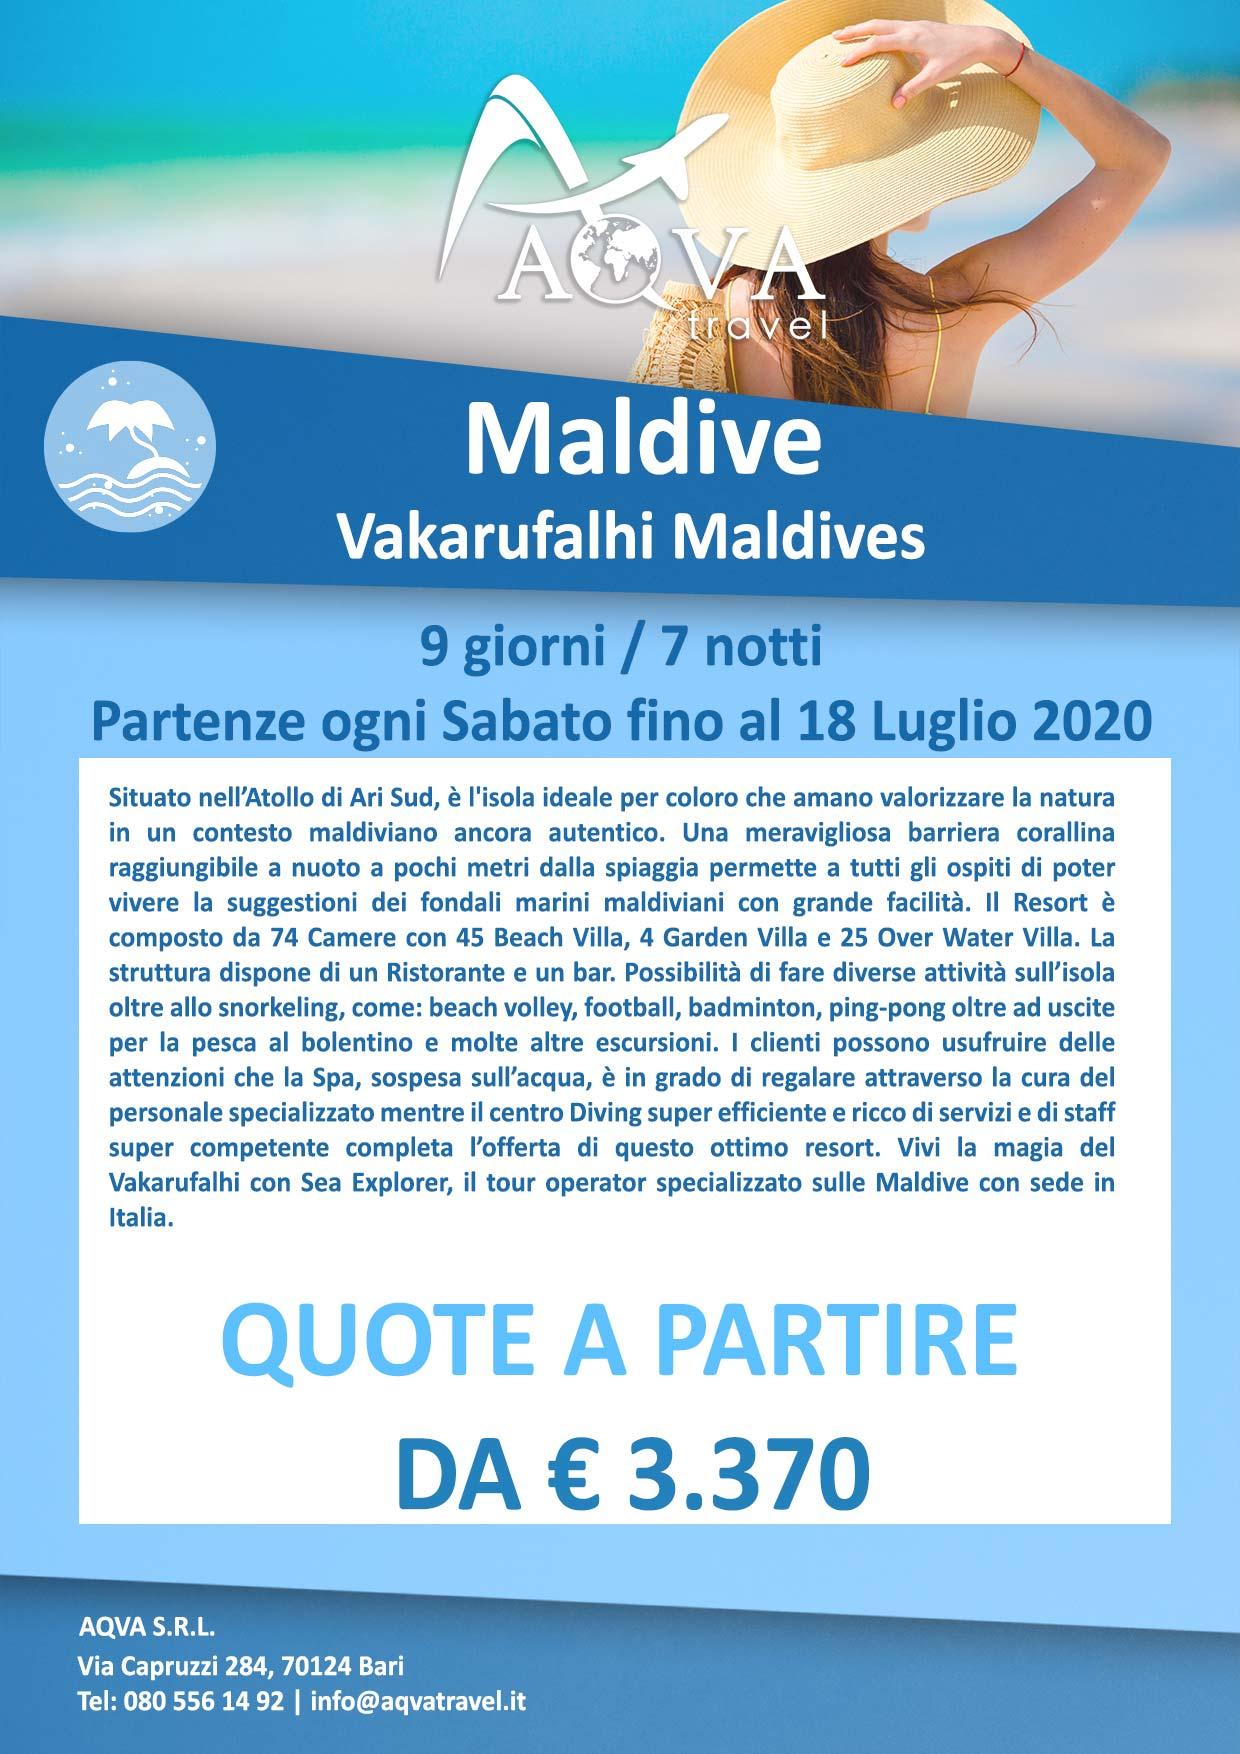 Maldive-Vakarufalhi-Maldives-9-giorni-7-notti-Mare-offerte-agenzia-di-viaggi-Bari-AQVATRAVEL-it